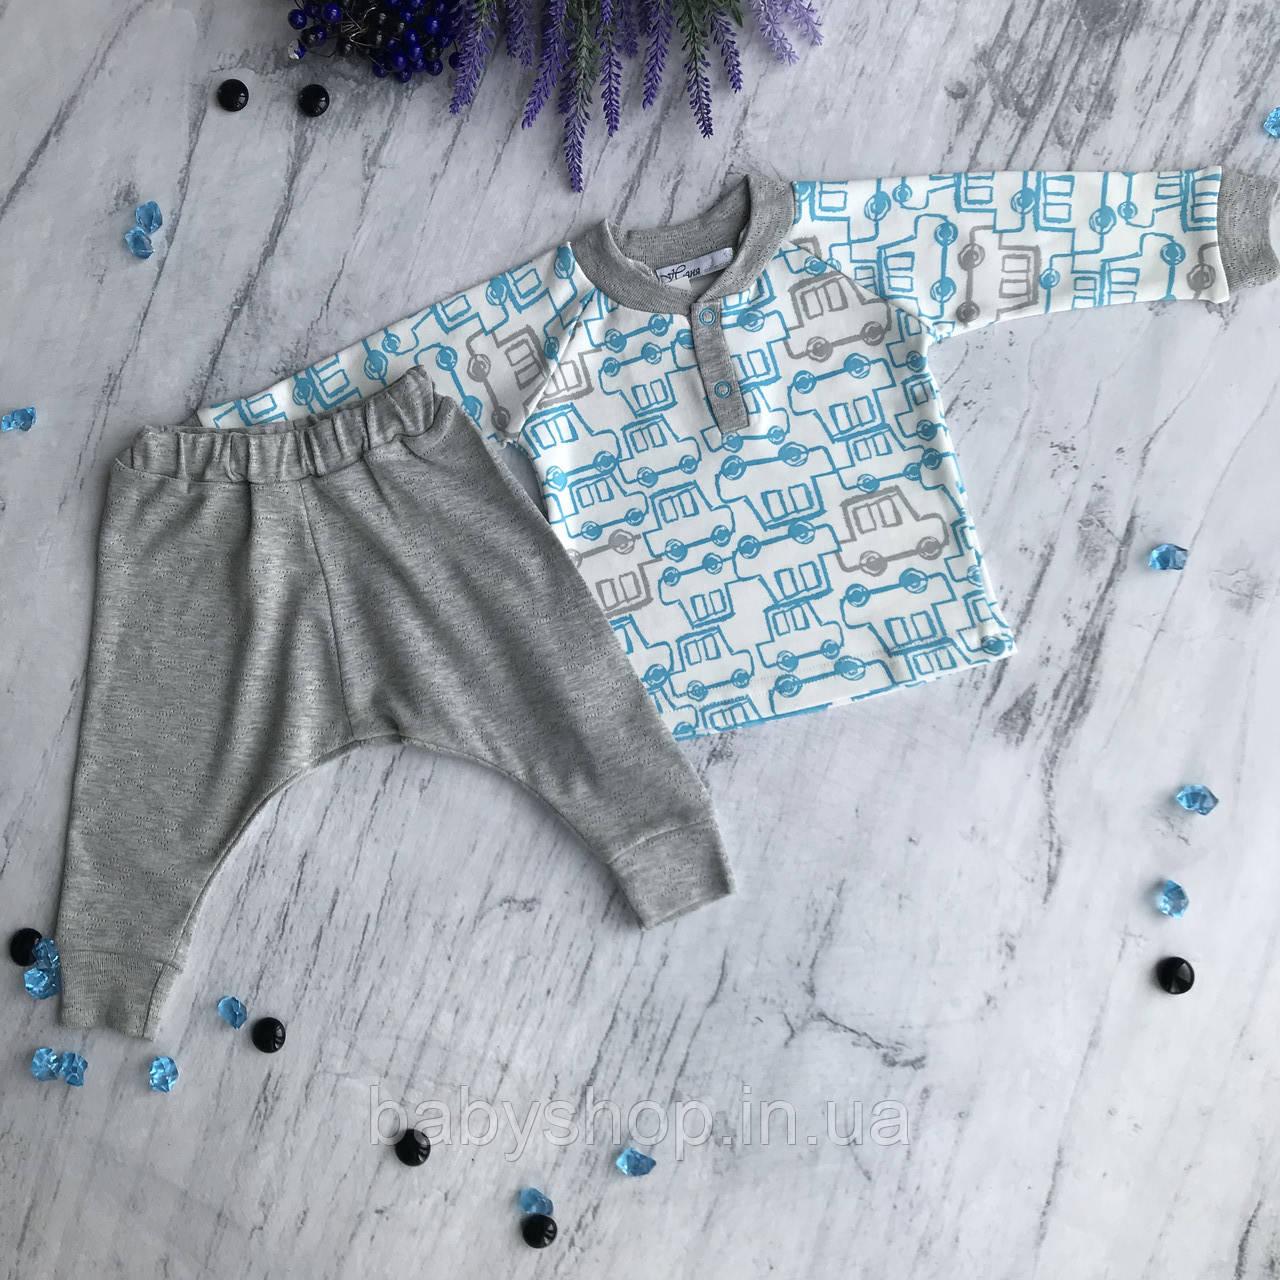 Пижама на мальчика 3. Размеры  68 см, 74 см, 92 см, 98 см, 110 см